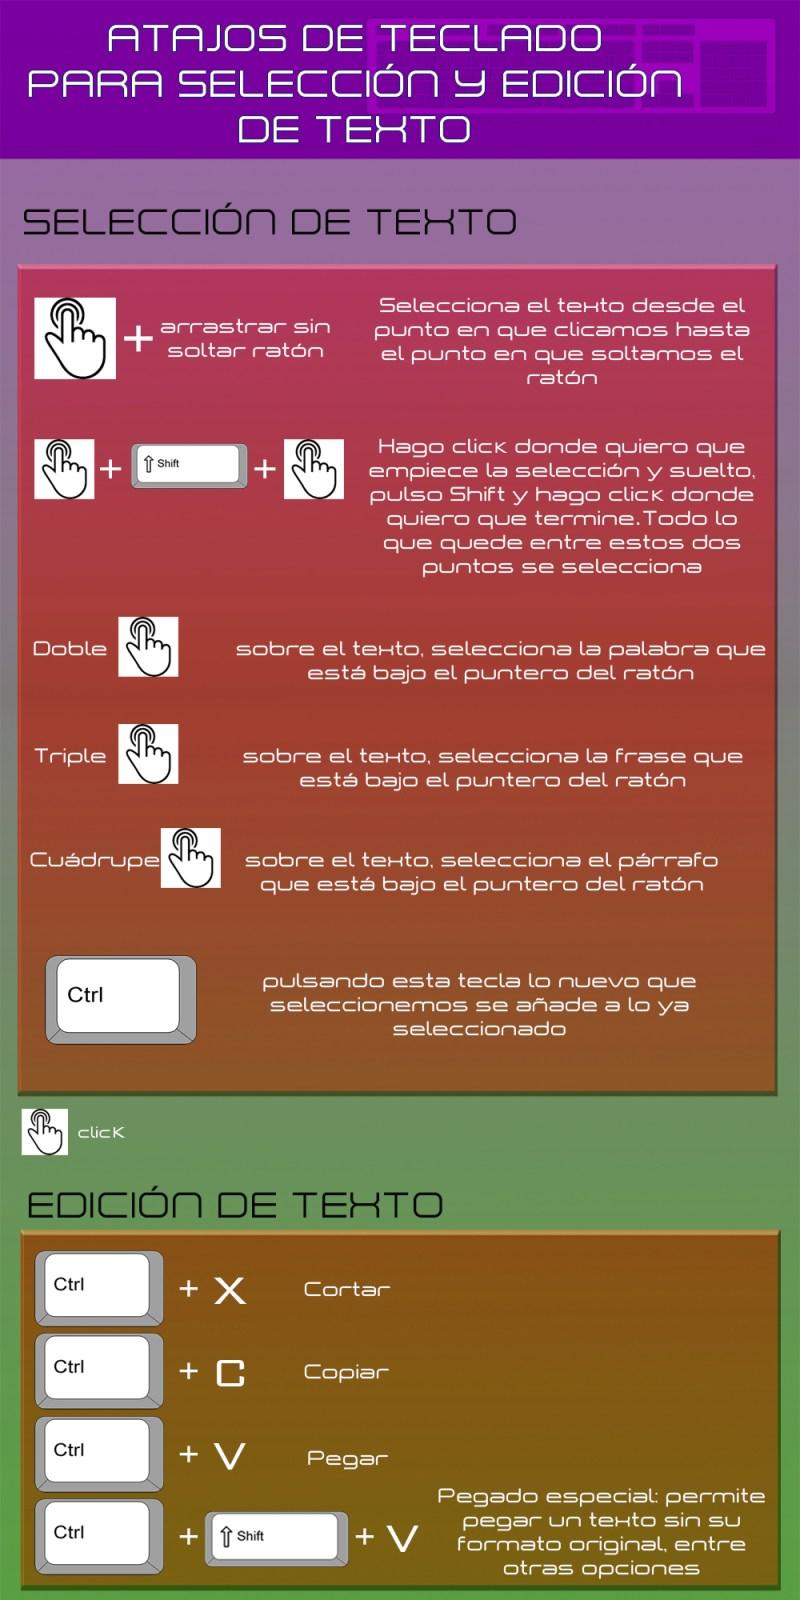 infografía con atajos de teclado para la selección y edición de texto